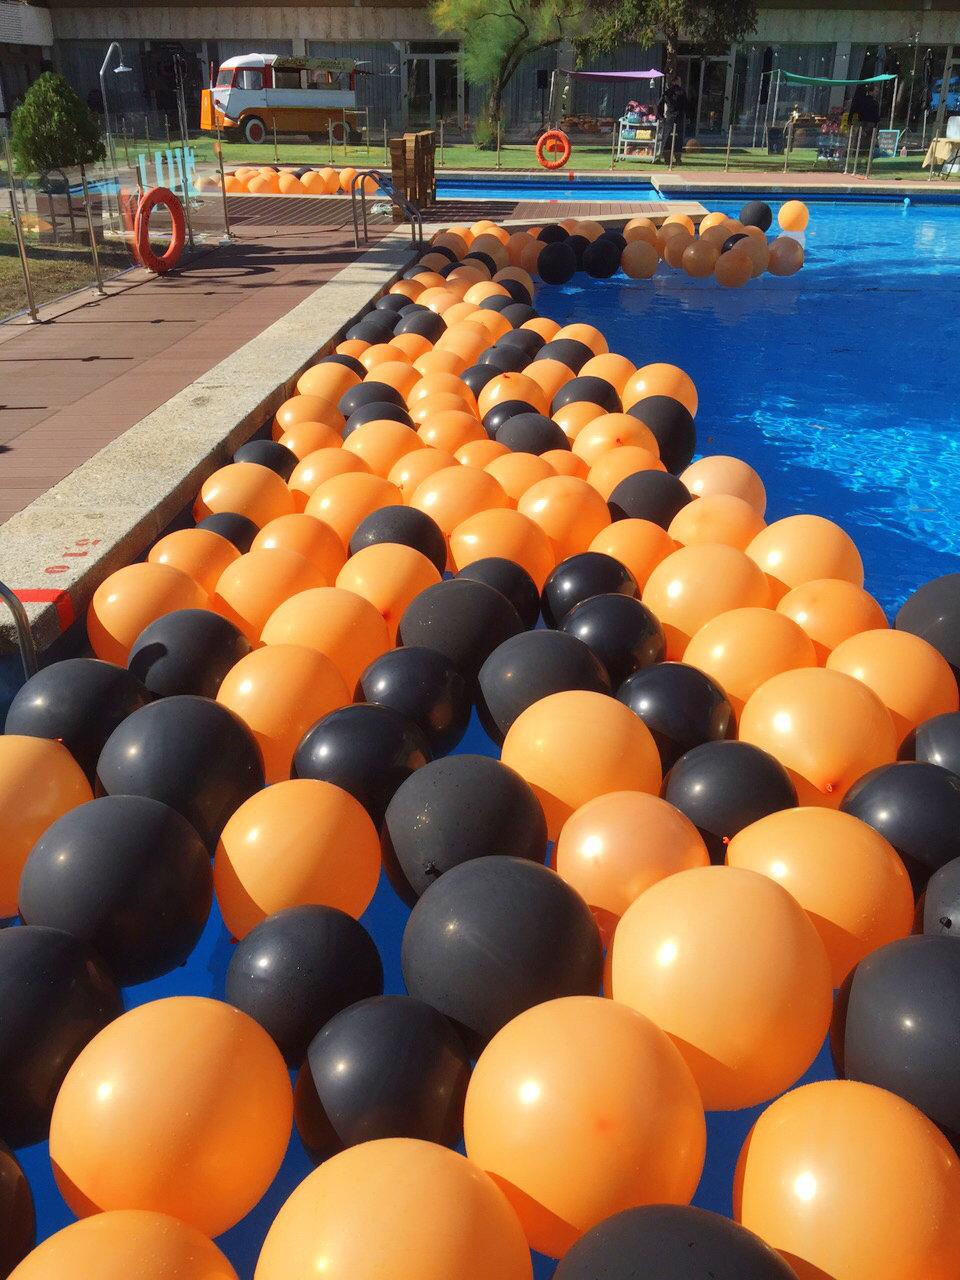 Piscina con globos para exclama for Decoracion para piscinas